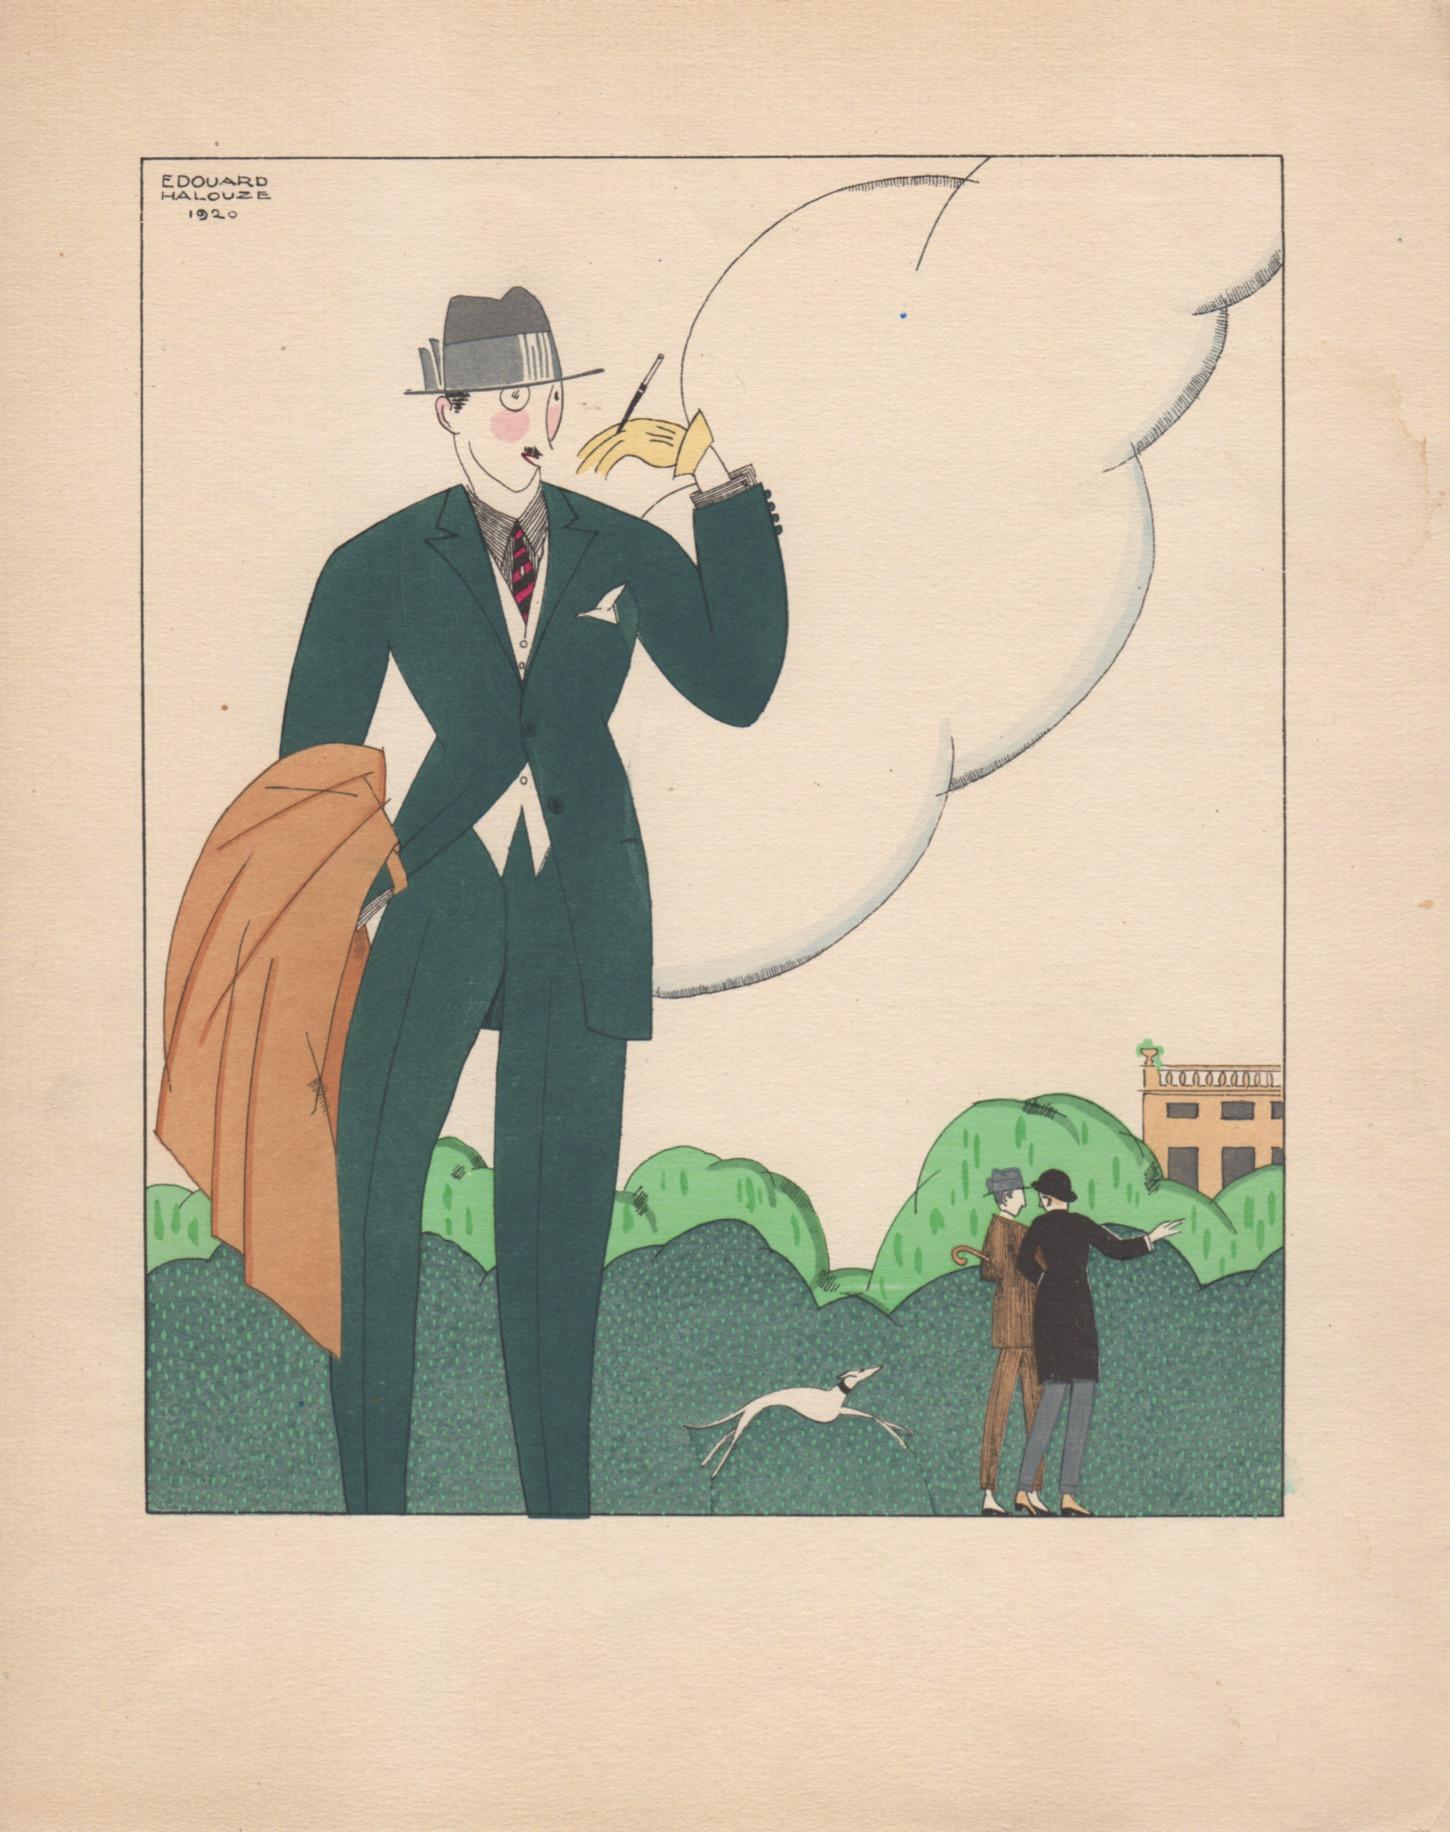 Le fumeur | Élégant au porte cigarette | Edouard Halouze